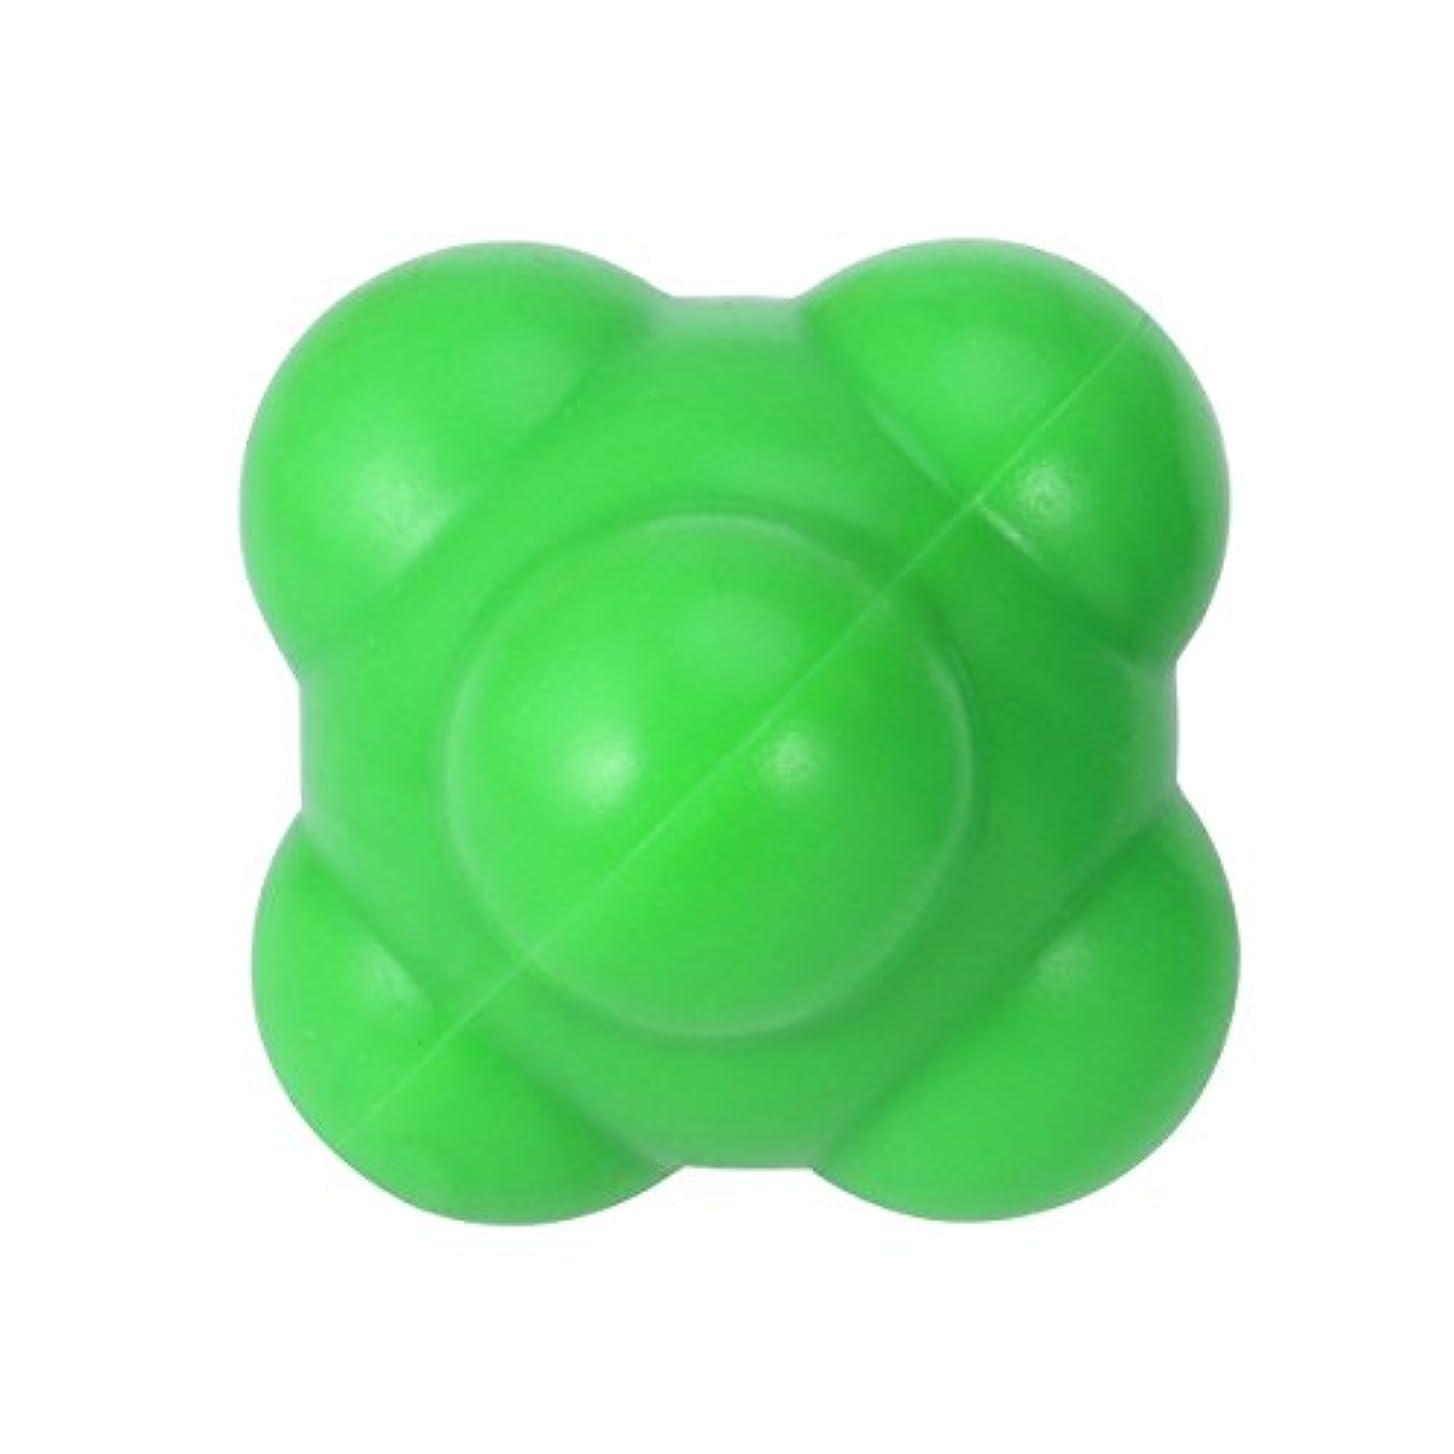 黒人宴会コントローラSUPVOX 反応ボール 敏捷性とスピードハンドアイ調整(グリーン)